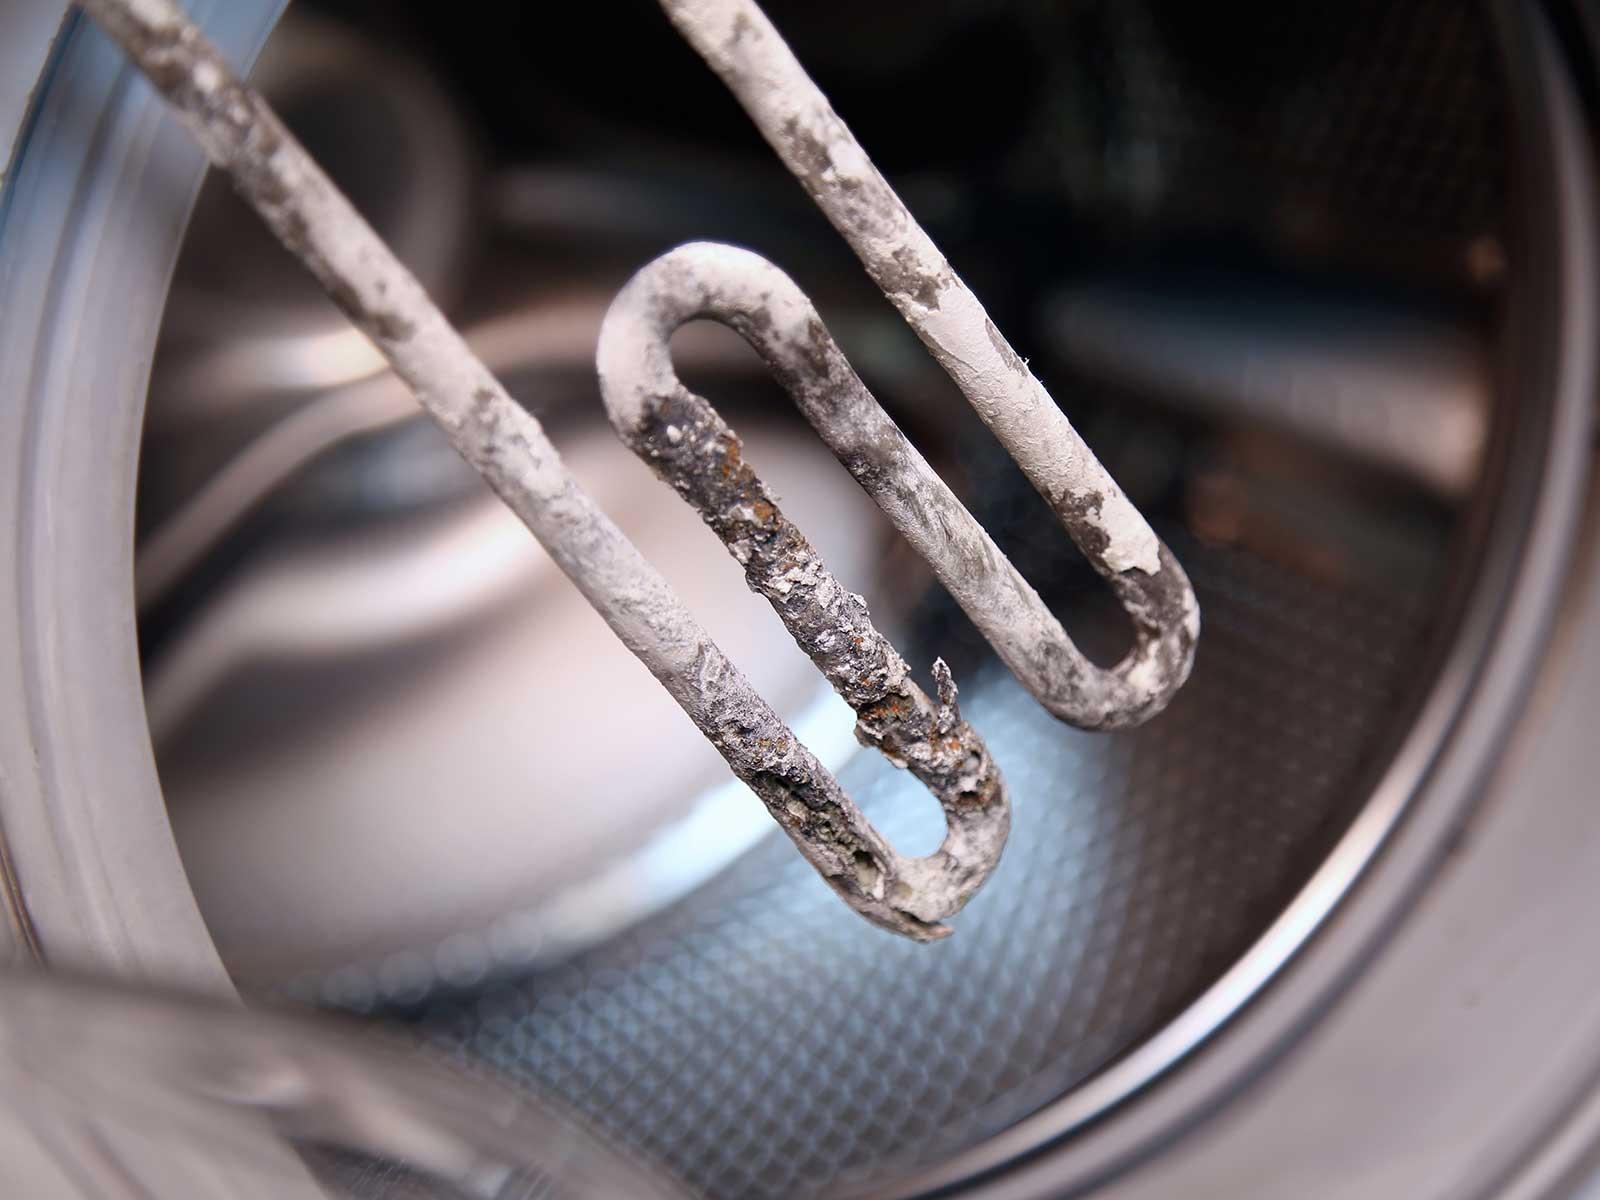 Kampf dem Kalk: Wir geben praktische Tipps zum Schutz Ihrer Maschinen und Geräte.